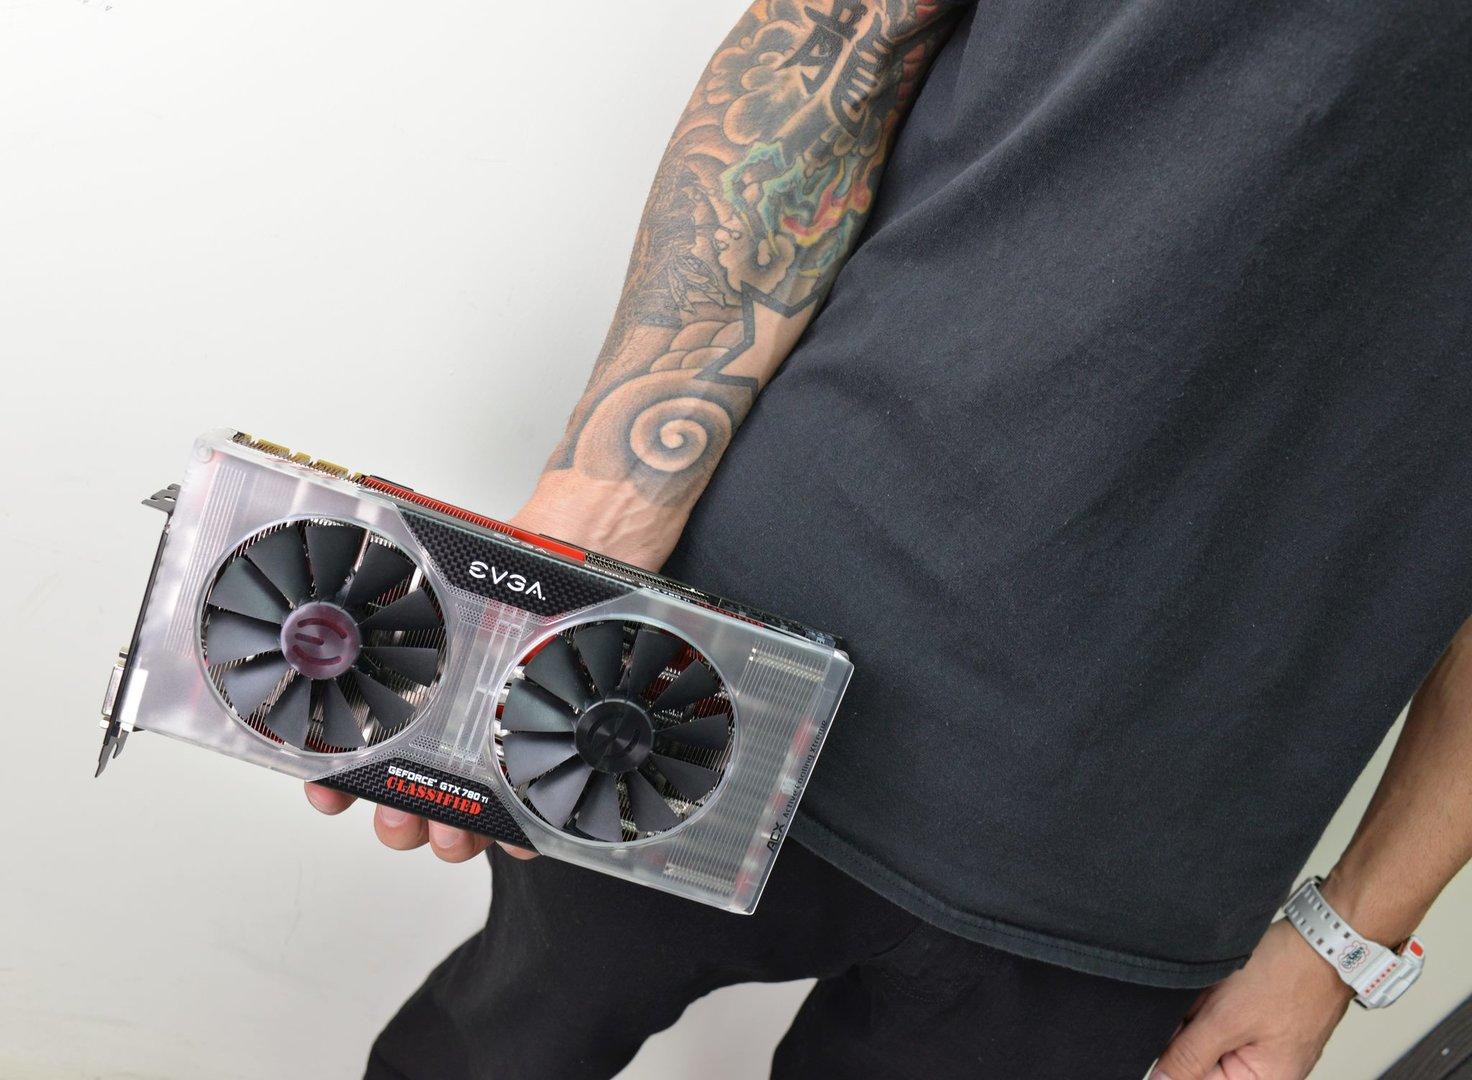 EVGA GeForce GTX 780 Ti Classified Kingpin Edition